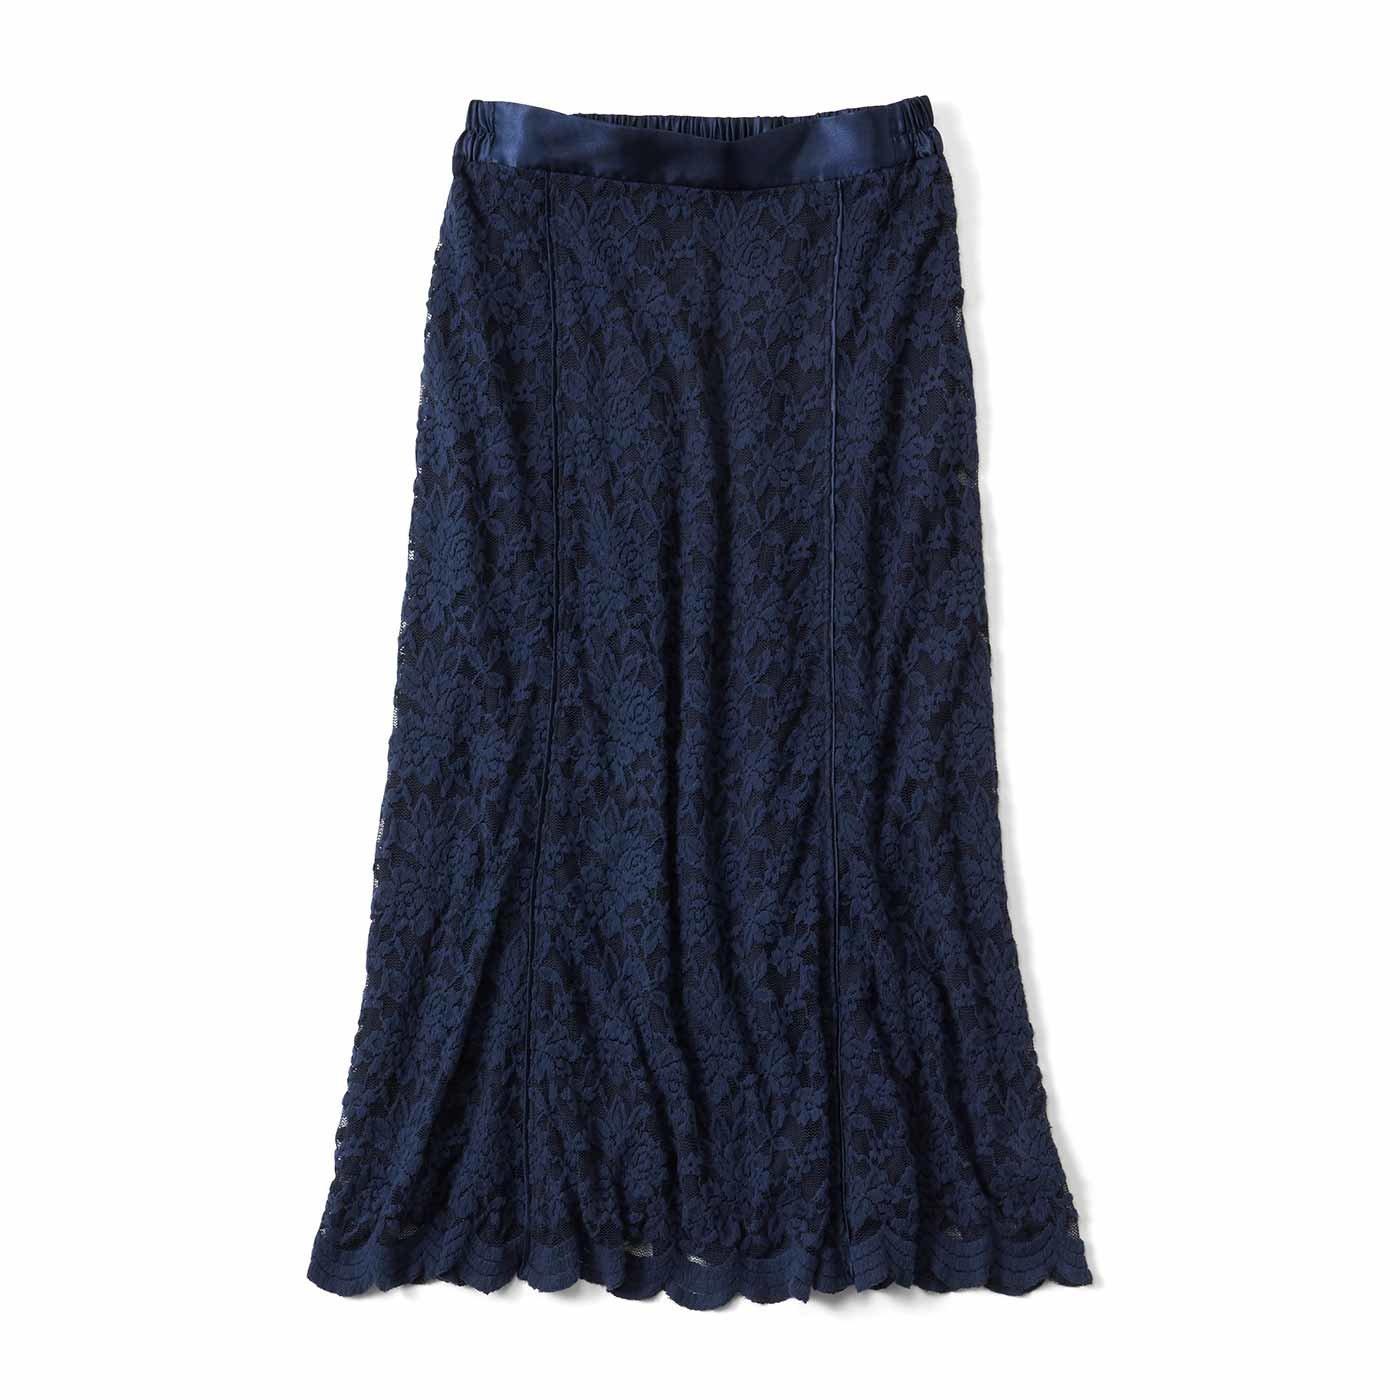 IEDIT[イディット] 帯電防止インナーがうれしい 起毛レーススカート〈ネイビー〉